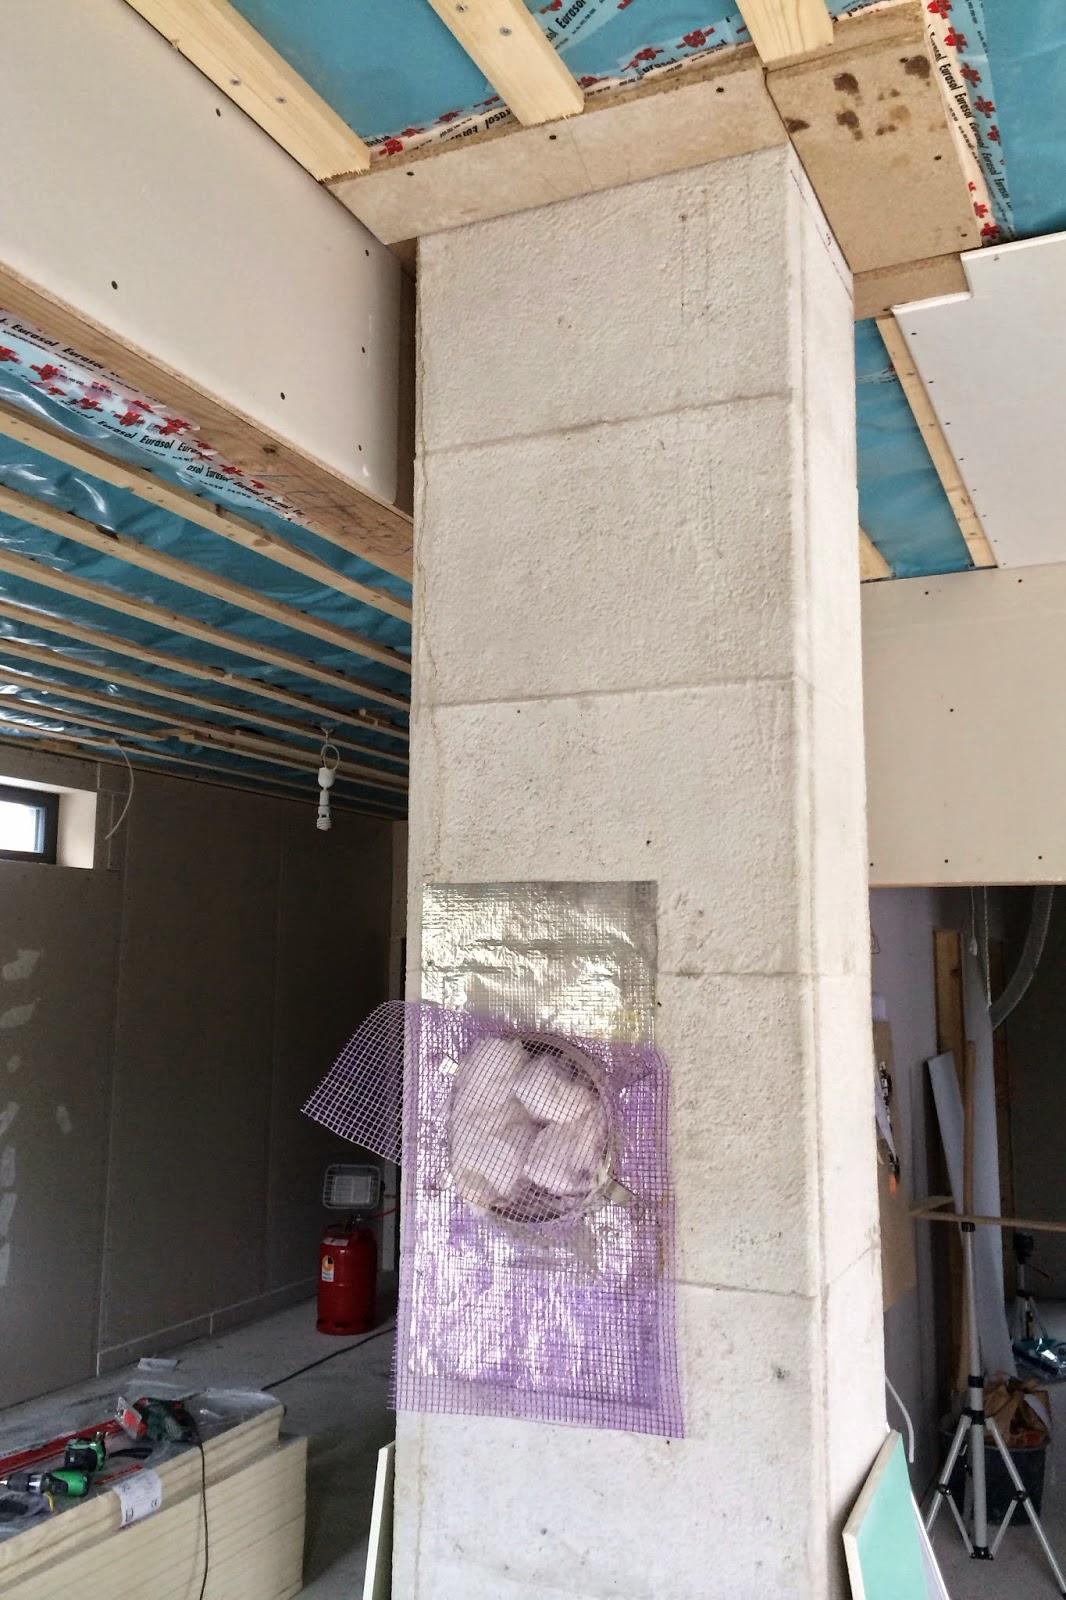 unterzug wohnzimmer:Unterzug wohnzimmer : Da wir den Dichtheitstest jedoch noch ausführen